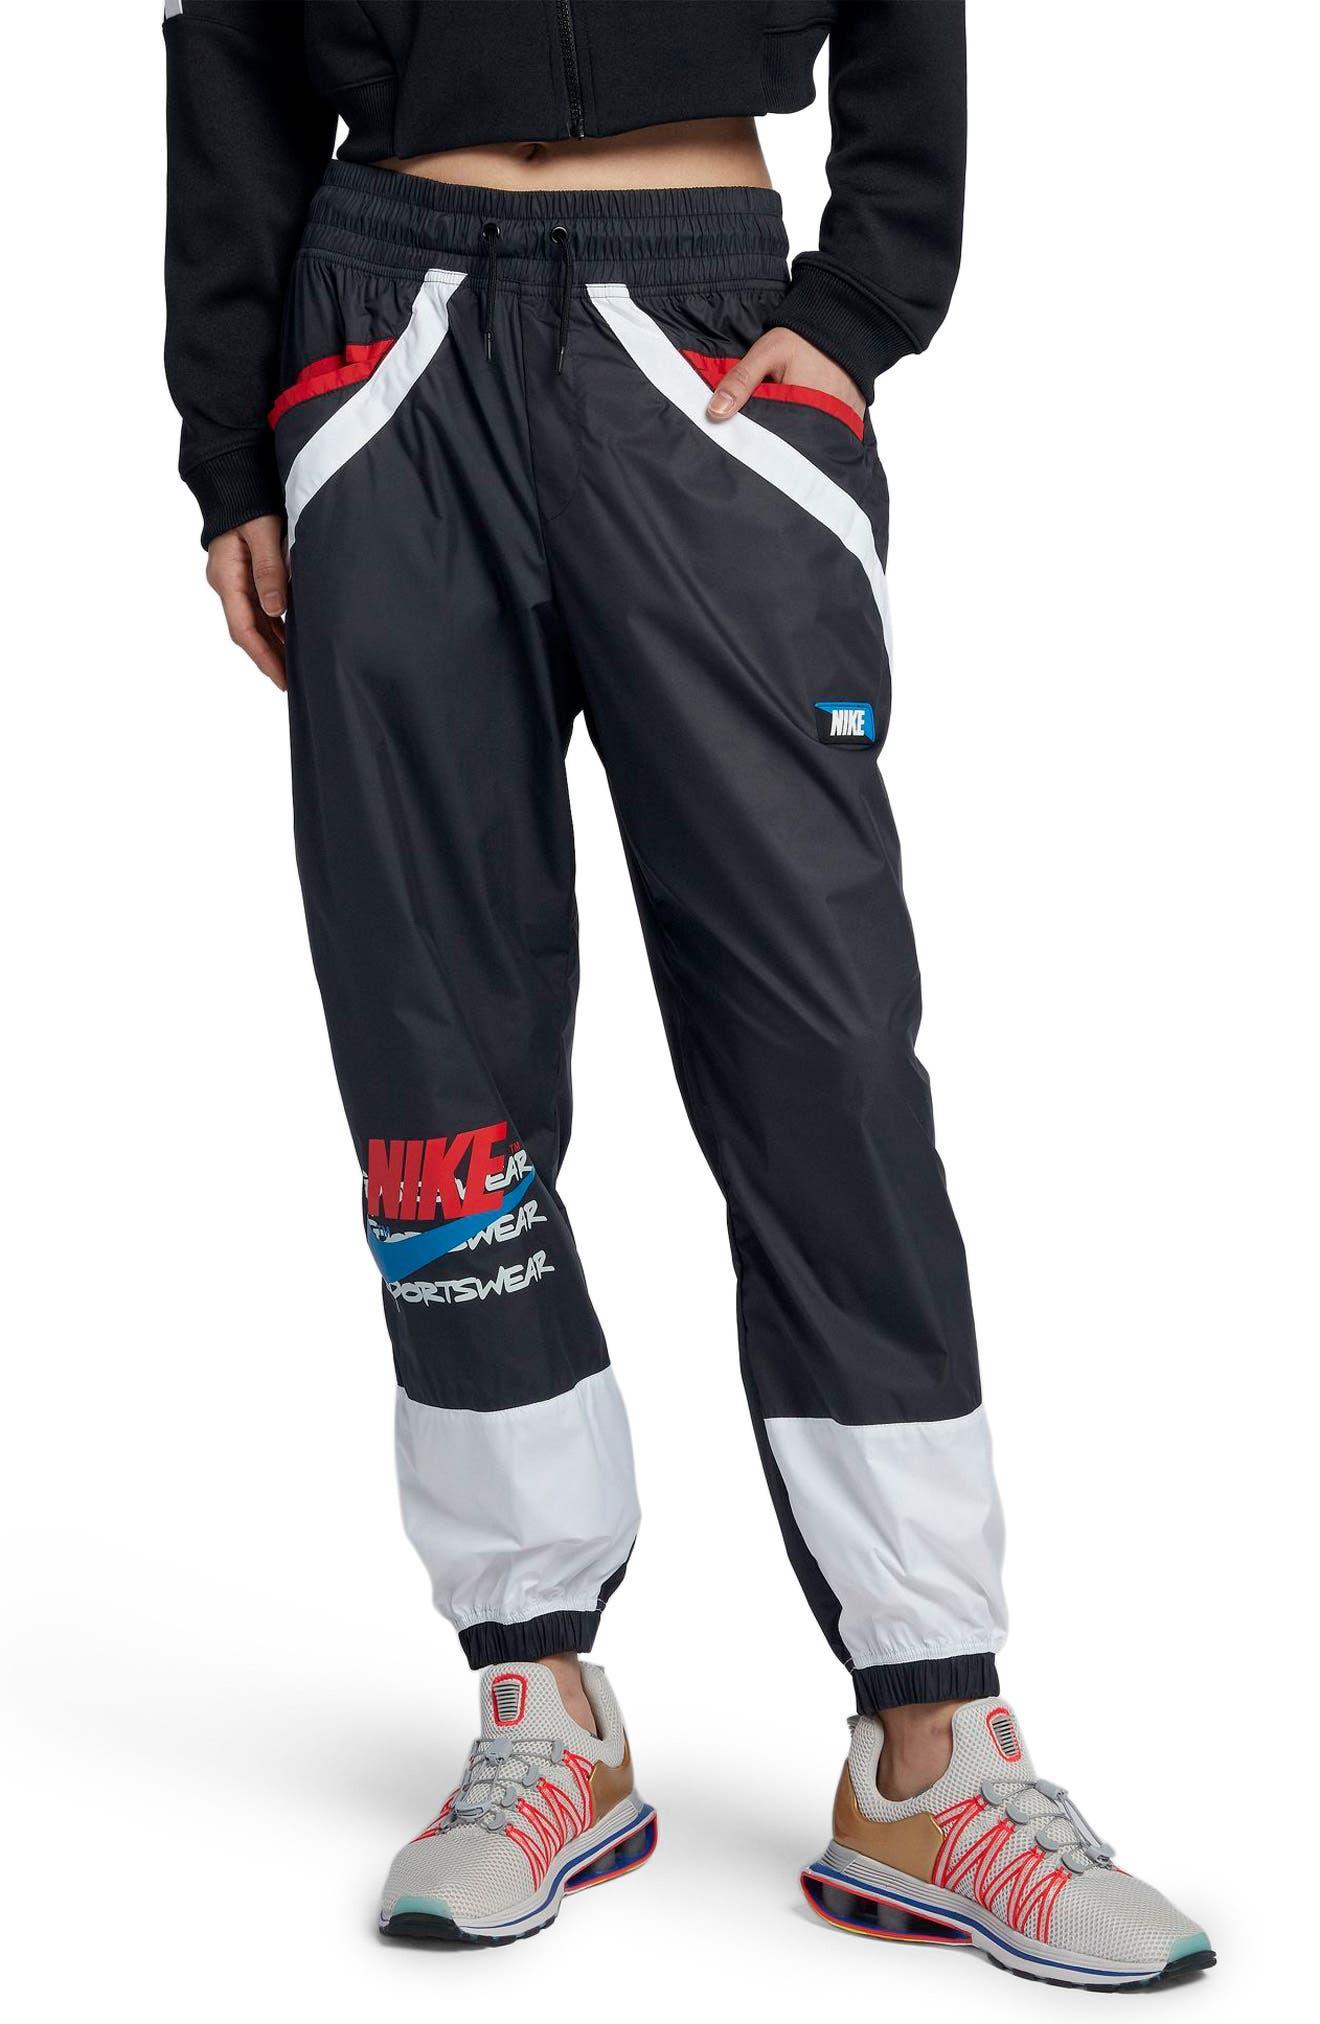 Sportswear Women's Woven Moto Pants,                         Main,                         color,